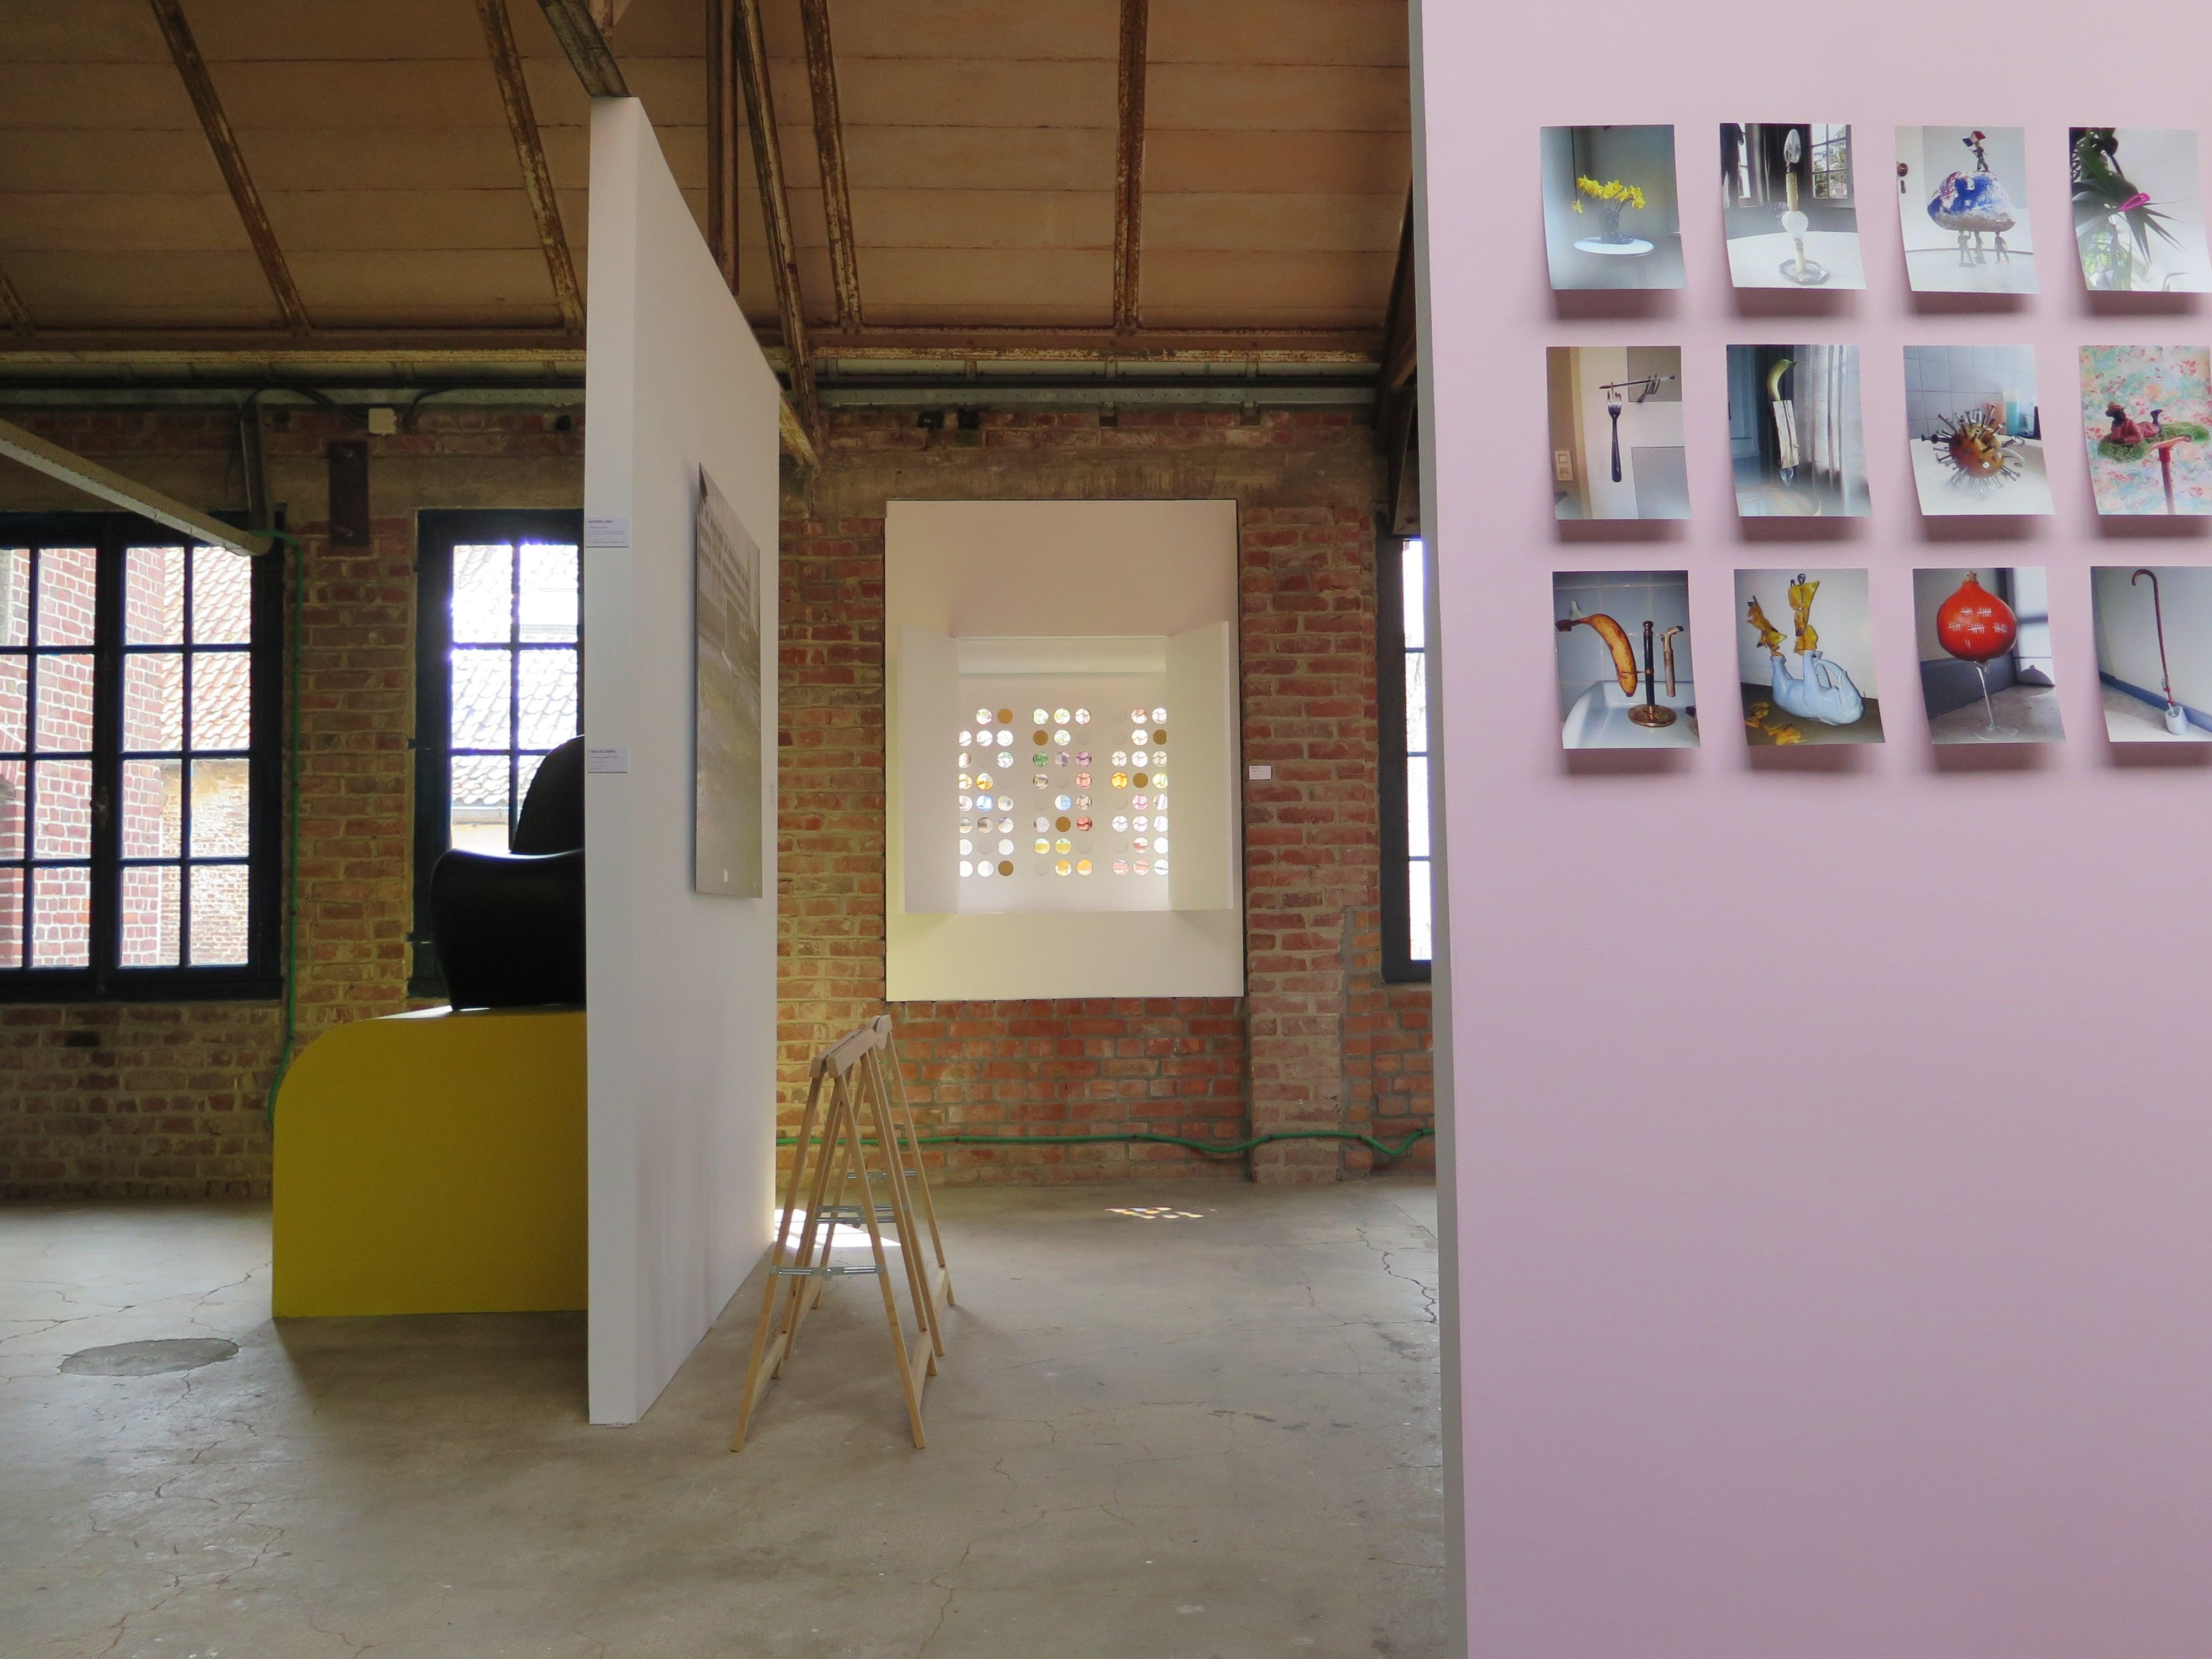 Vue de l'exposition BotterStraete - crédit photo Modulo atelier - ©Philémon Vanorlé - ©Carol Levy